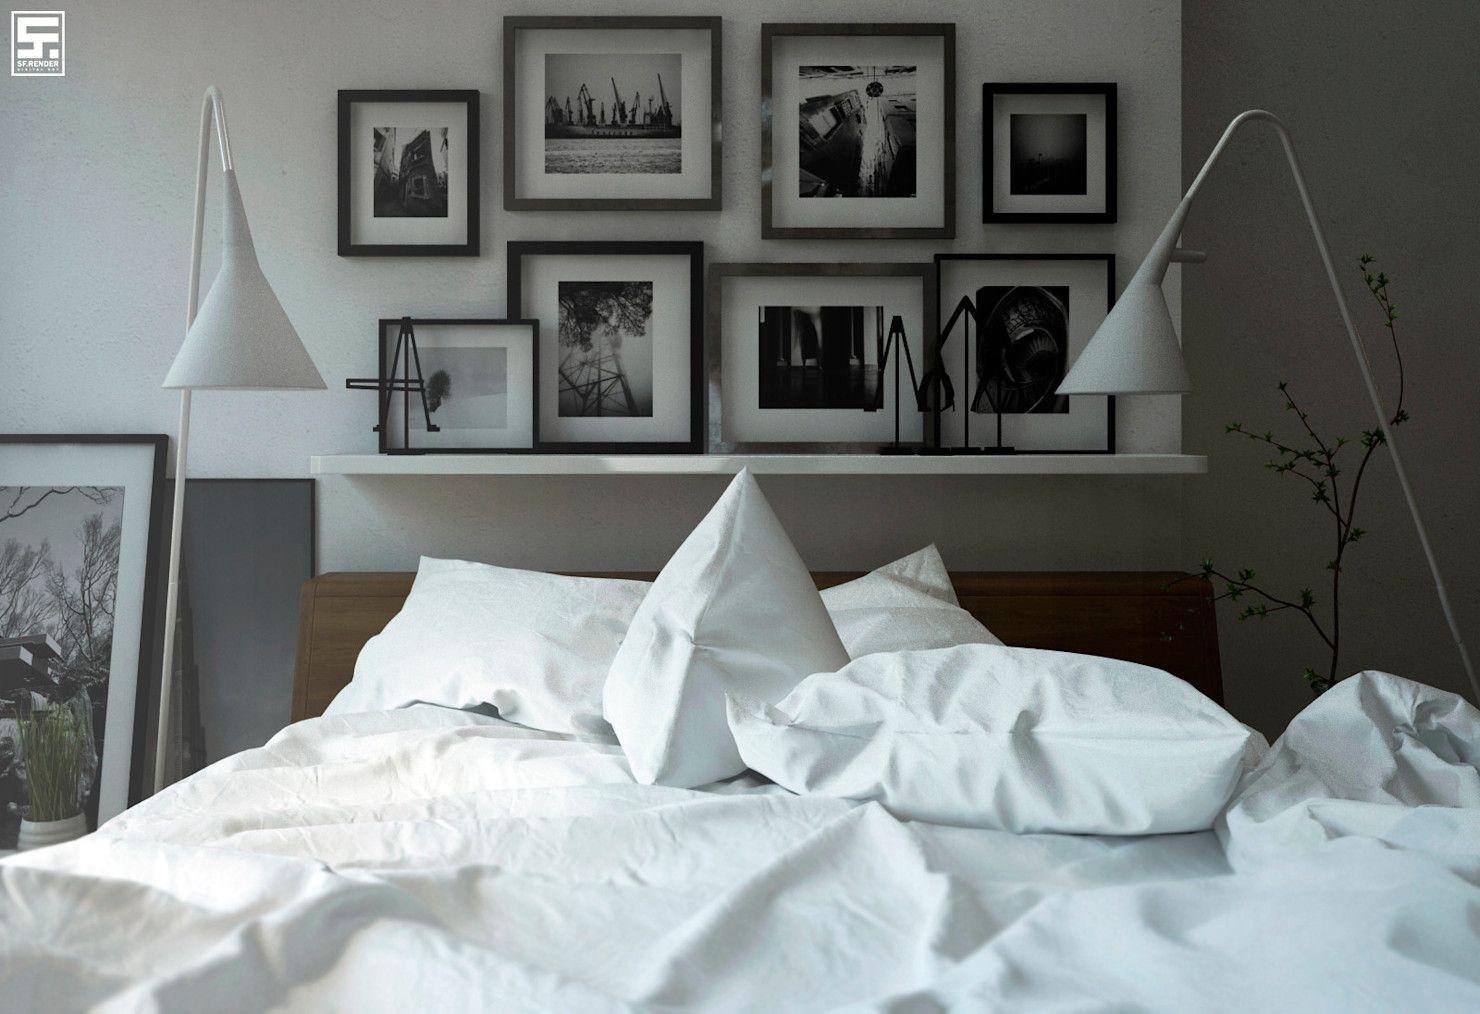 20 Camere Da Letto Eccezionali In Meno Di 10 Mq Homify Home Decor Interior Room